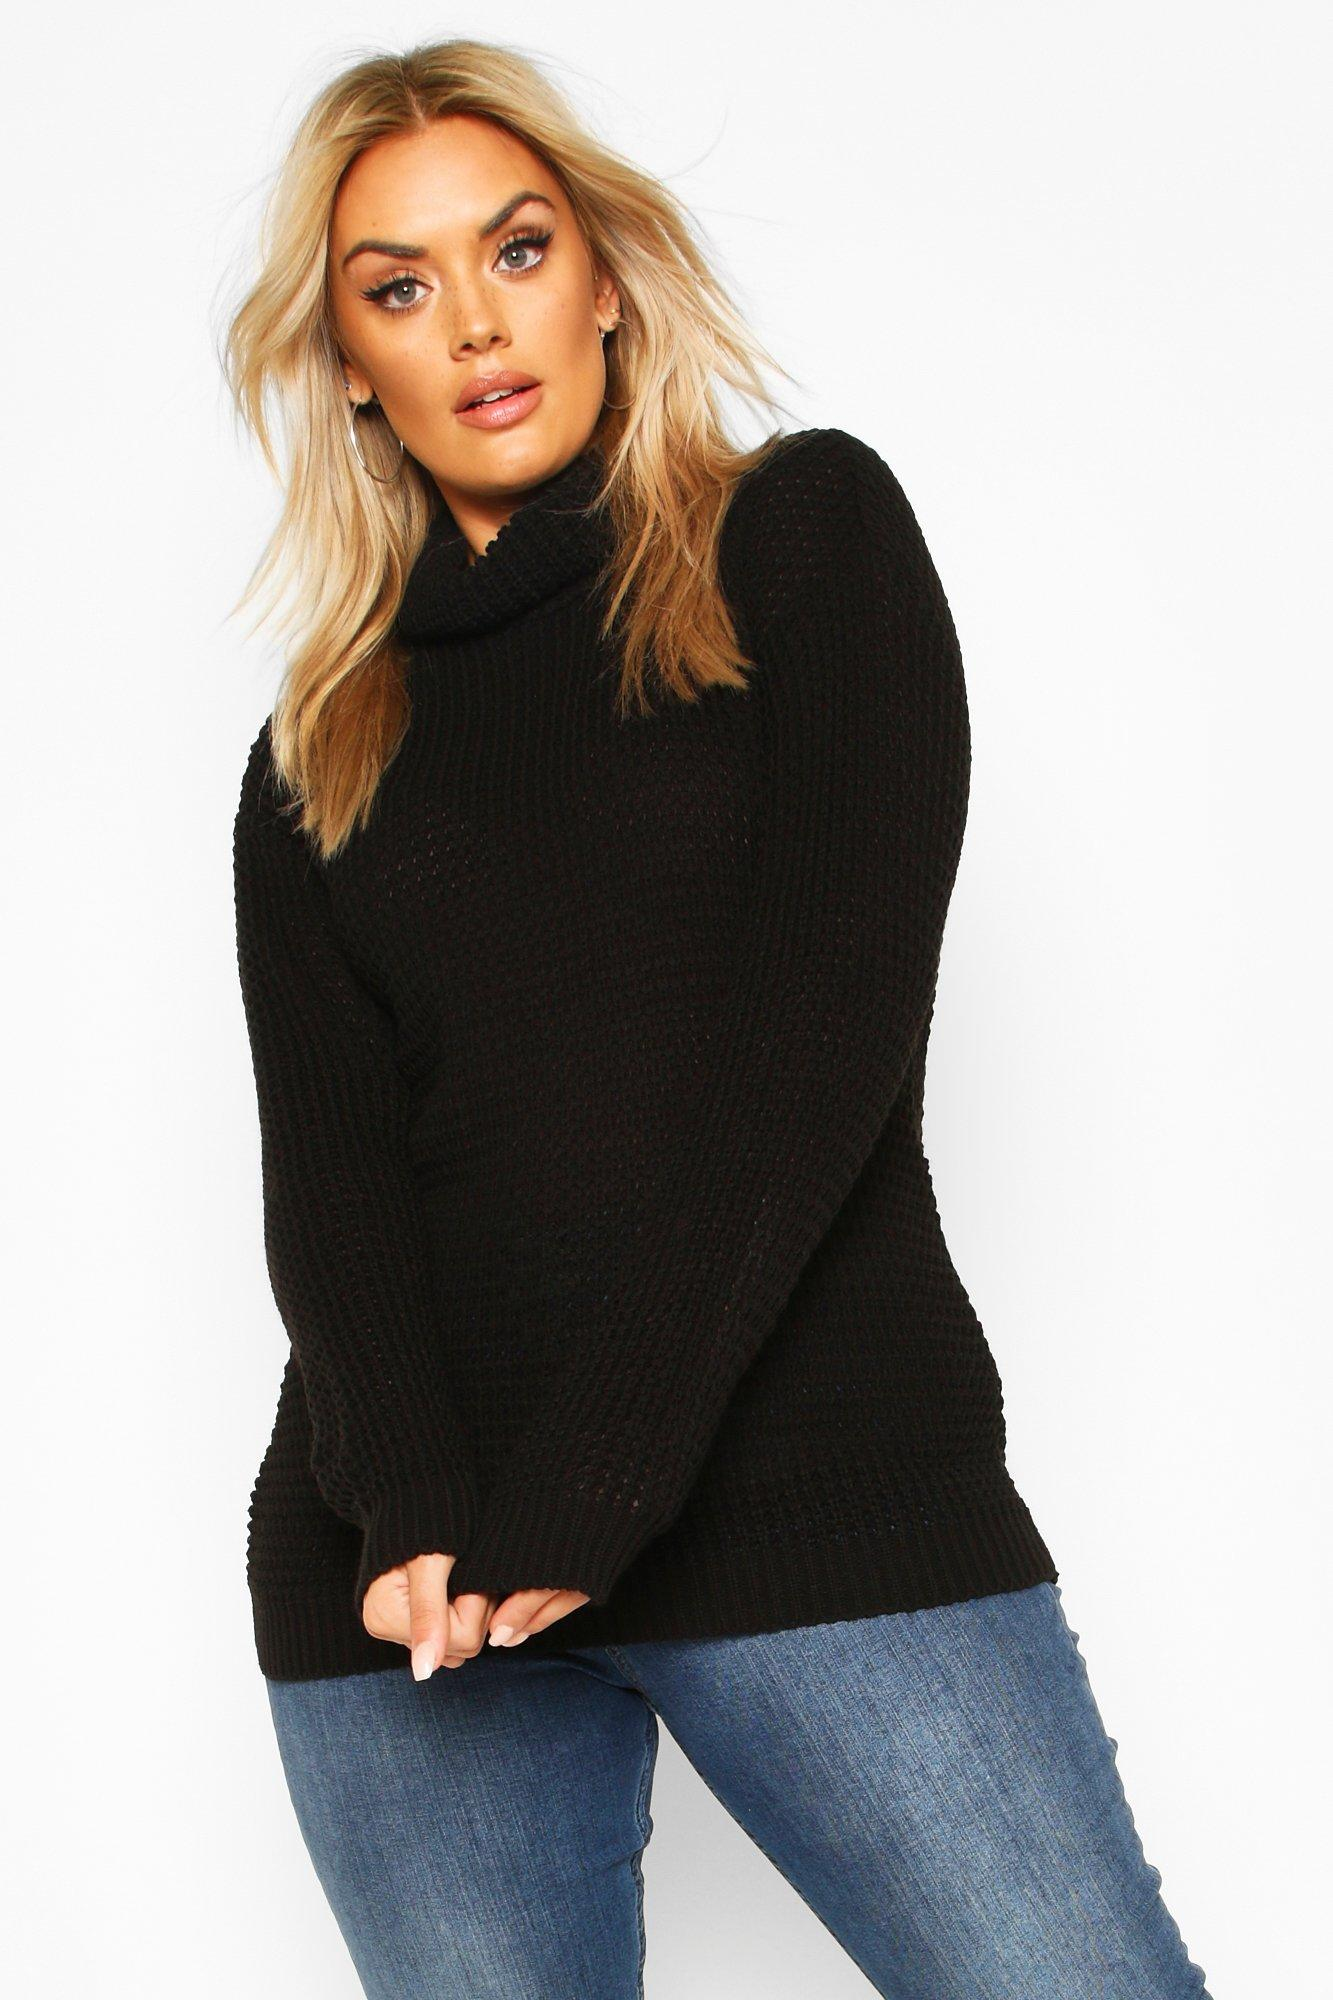 Womens Plus Rollkragen-Pullover mit Waffel-Strickmuster - schwarz - 42, Schwarz - Boohoo.com